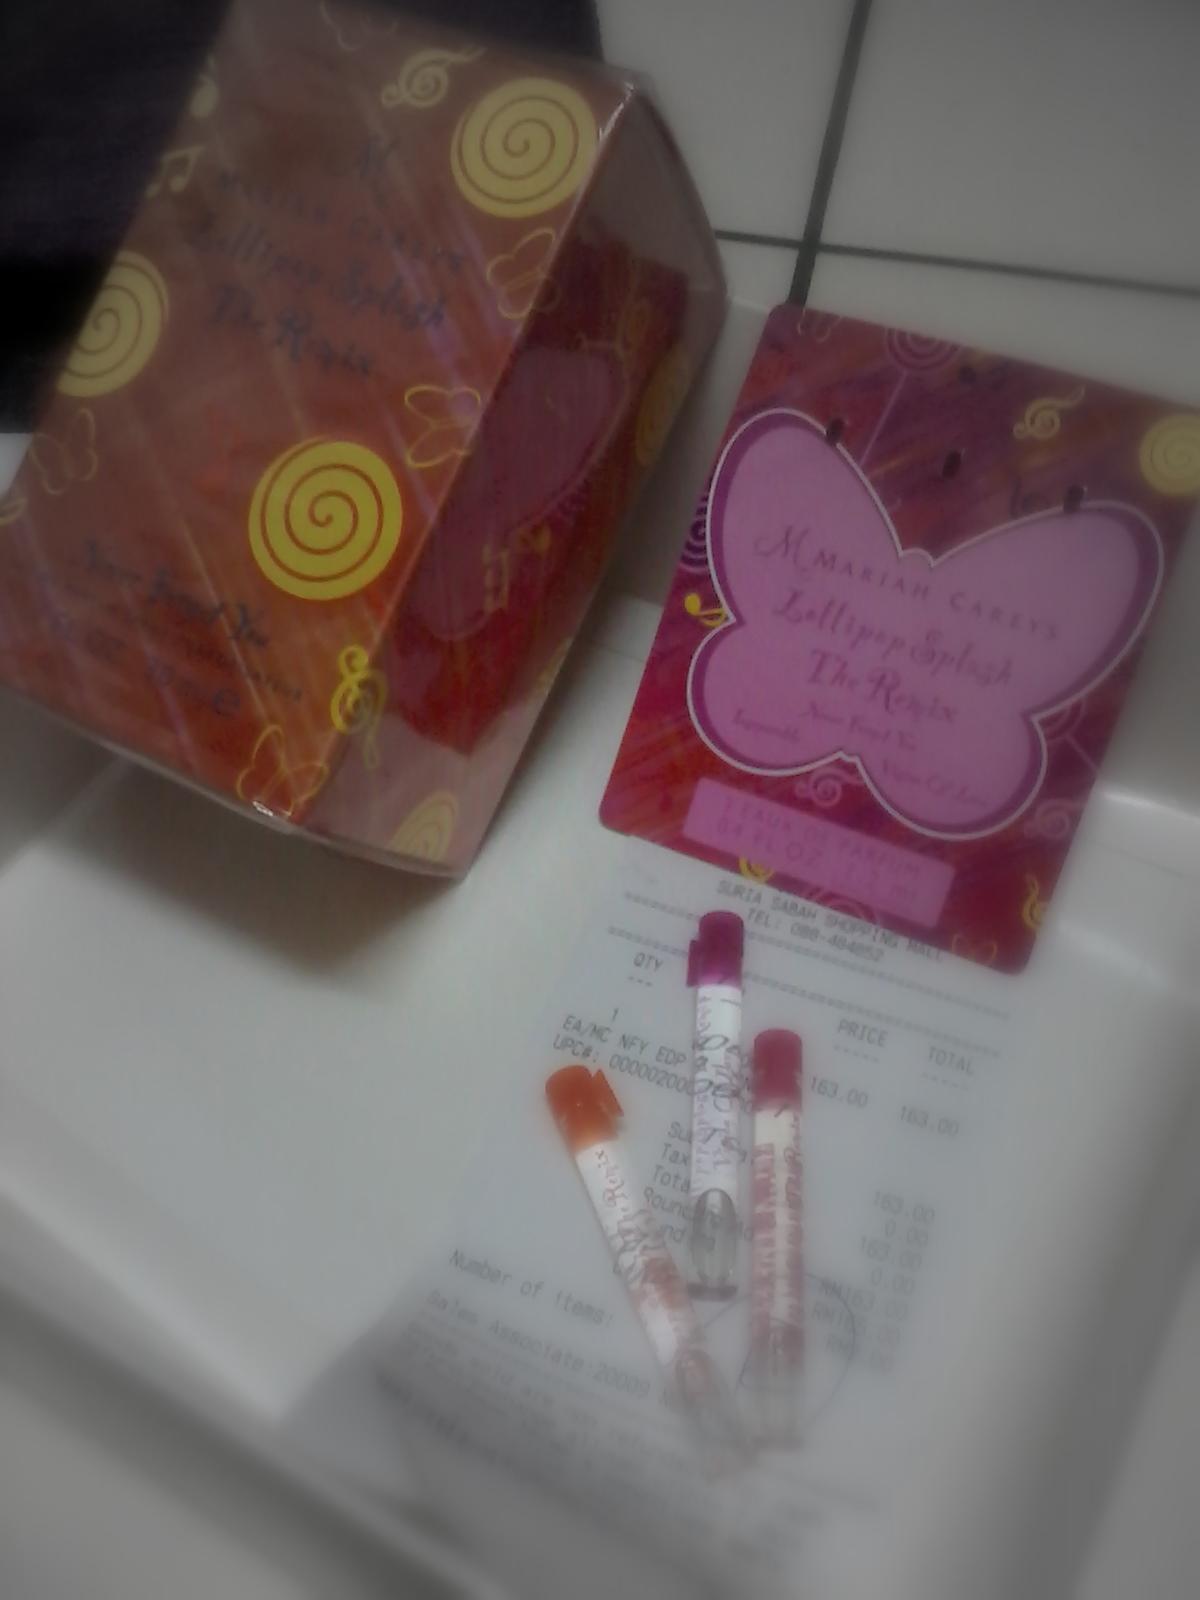 http://3.bp.blogspot.com/-y1kshQd7wLA/Ts51-CL9_0I/AAAAAAAAAYo/uffpCP_tyQQ/s1600/Mariah+Carey+Perfume.jpg